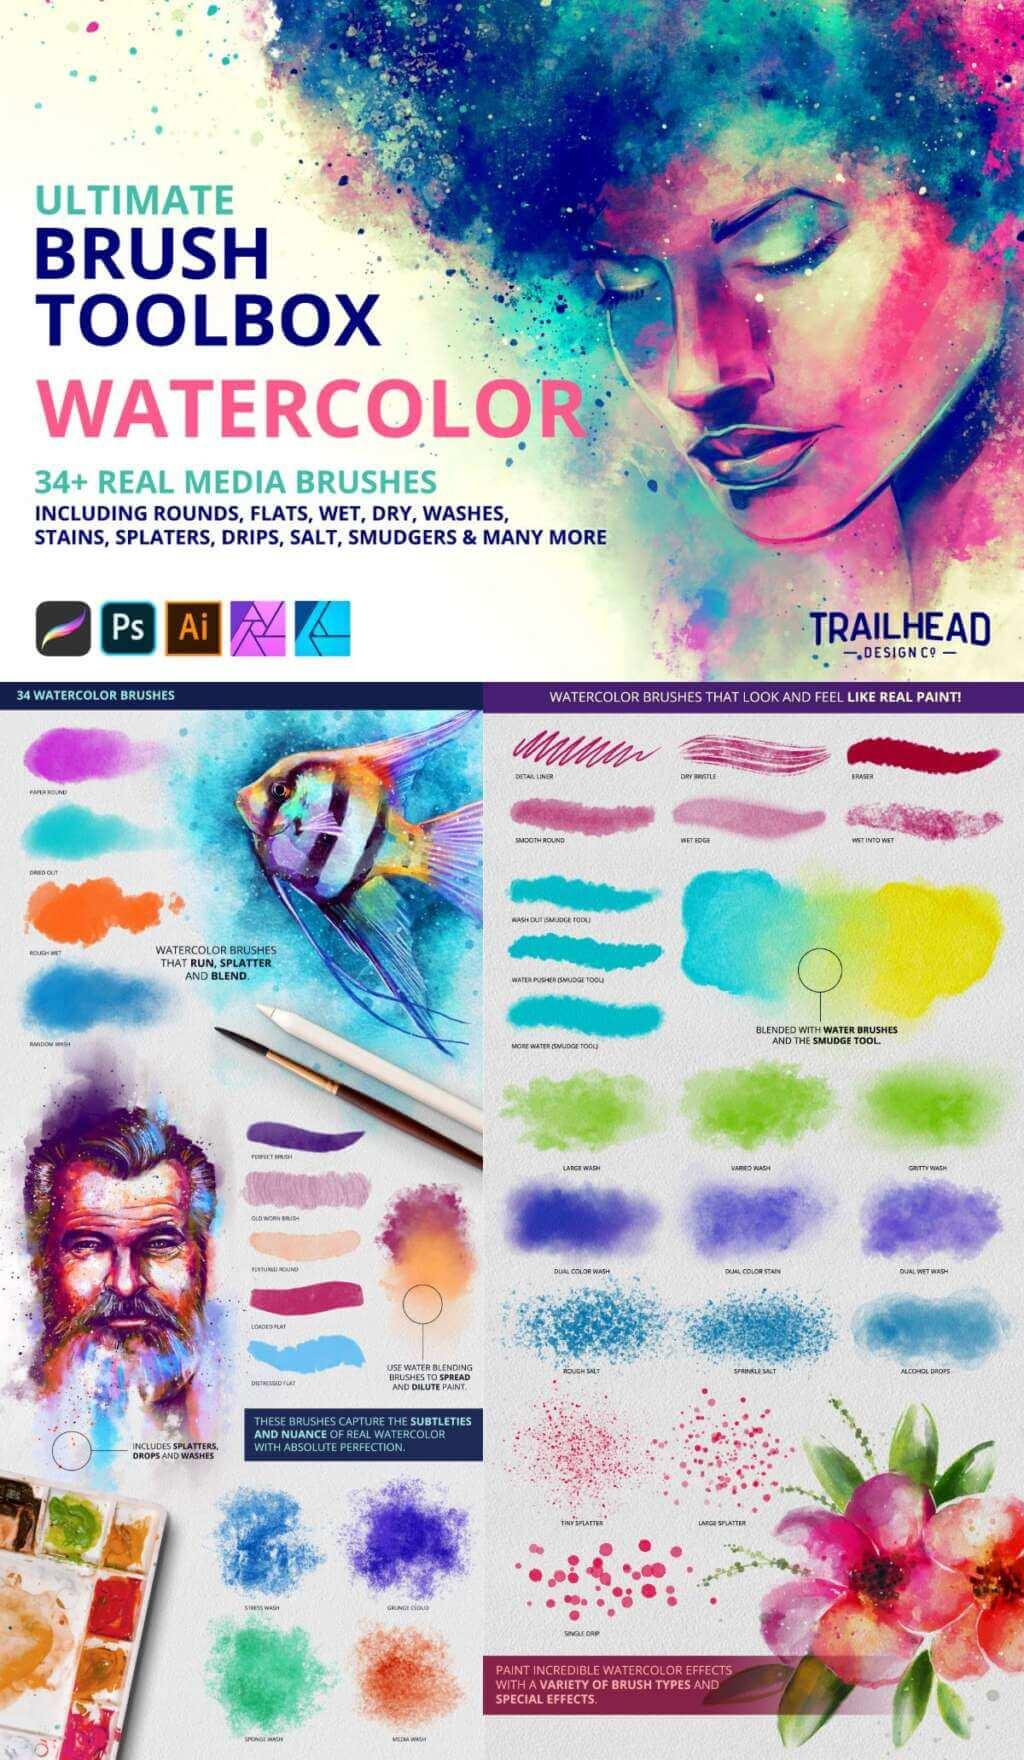 Ultimate Brush Toolbox – Watercolor